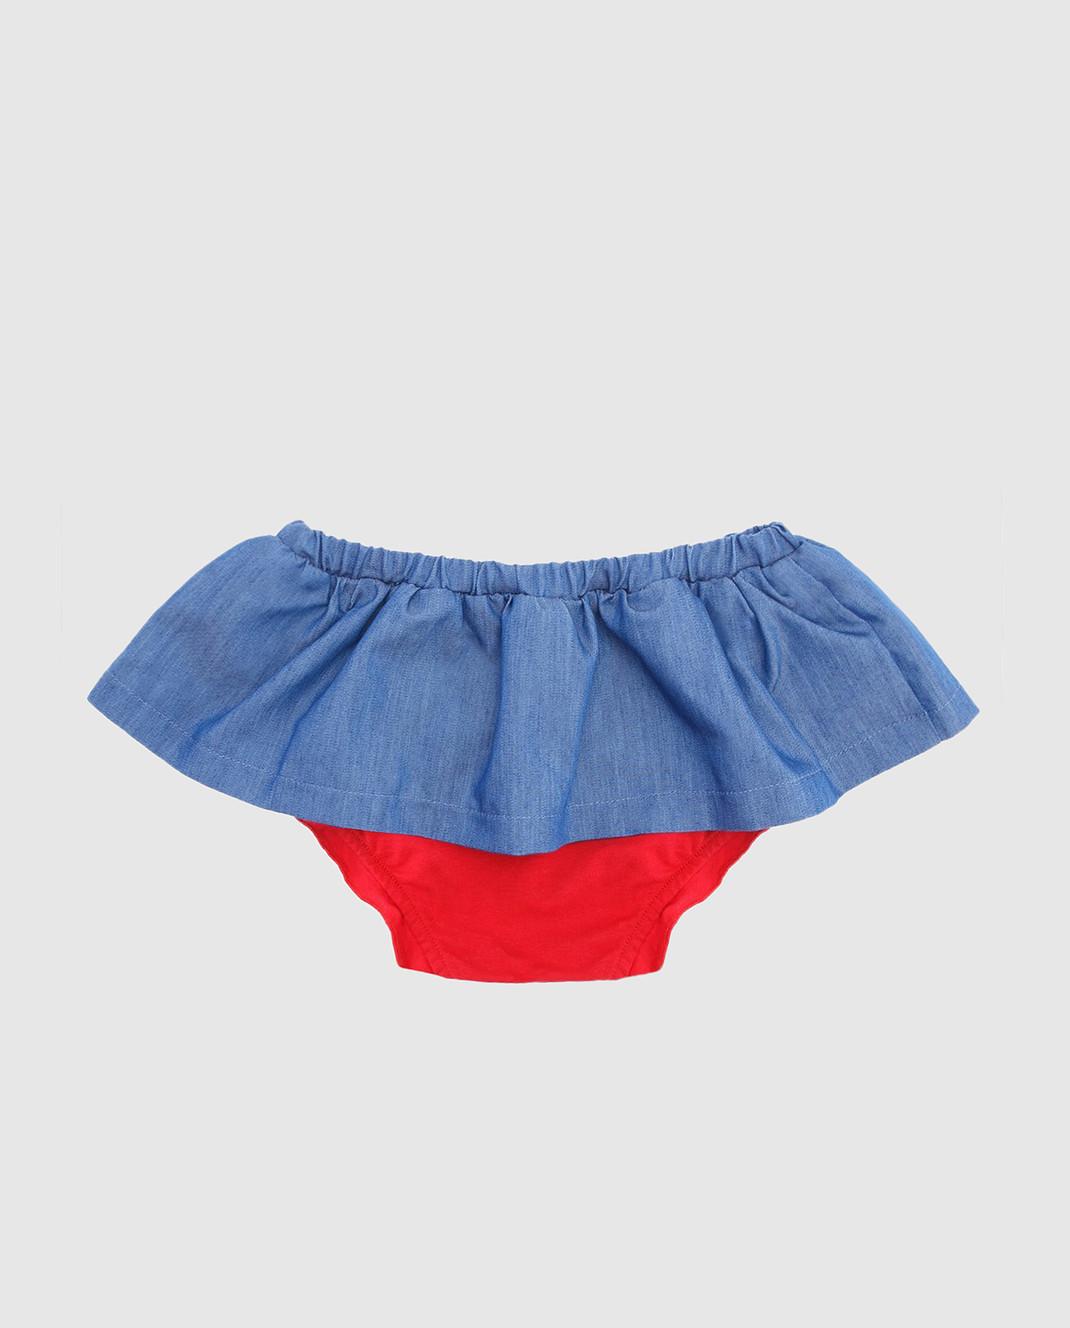 Philipp Plein Детская синяя юбка CRV0004 изображение 2